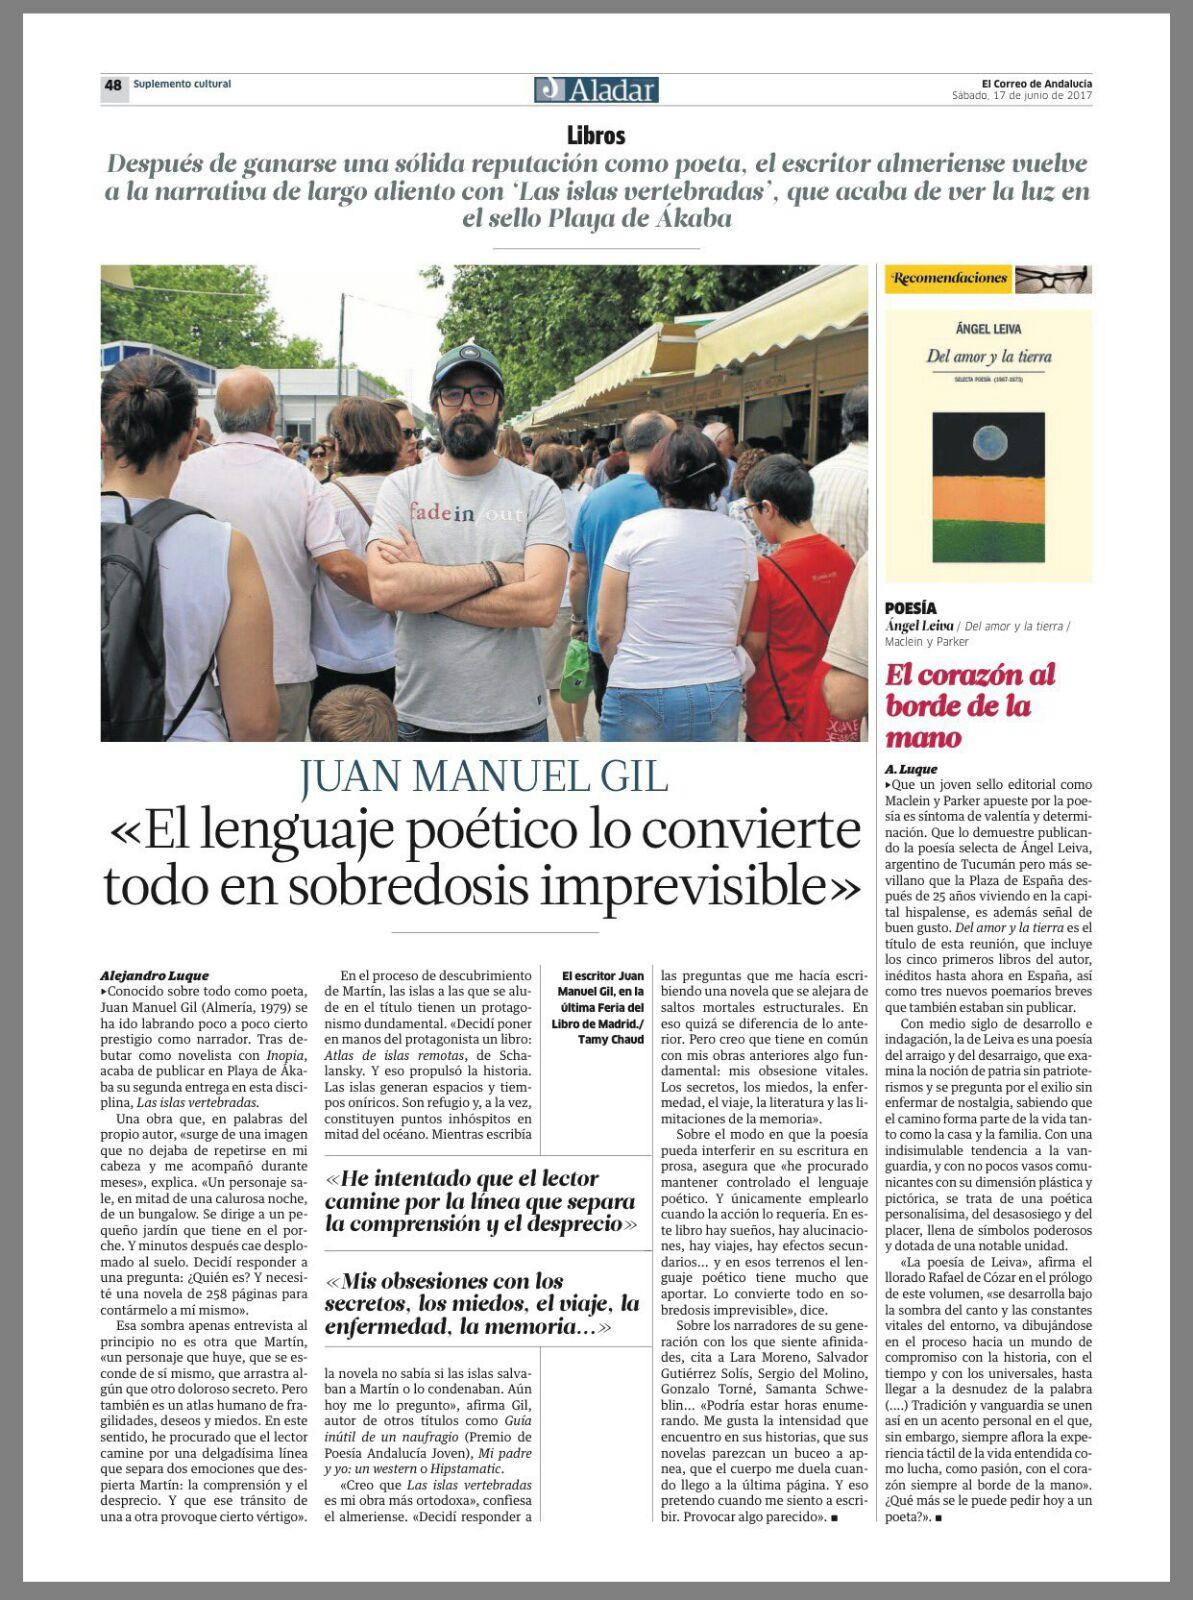 Del amor y la tierra | El Correo de Andalucía | Maclein Y Parker | Editorial de libros independiente | Venta de libros online